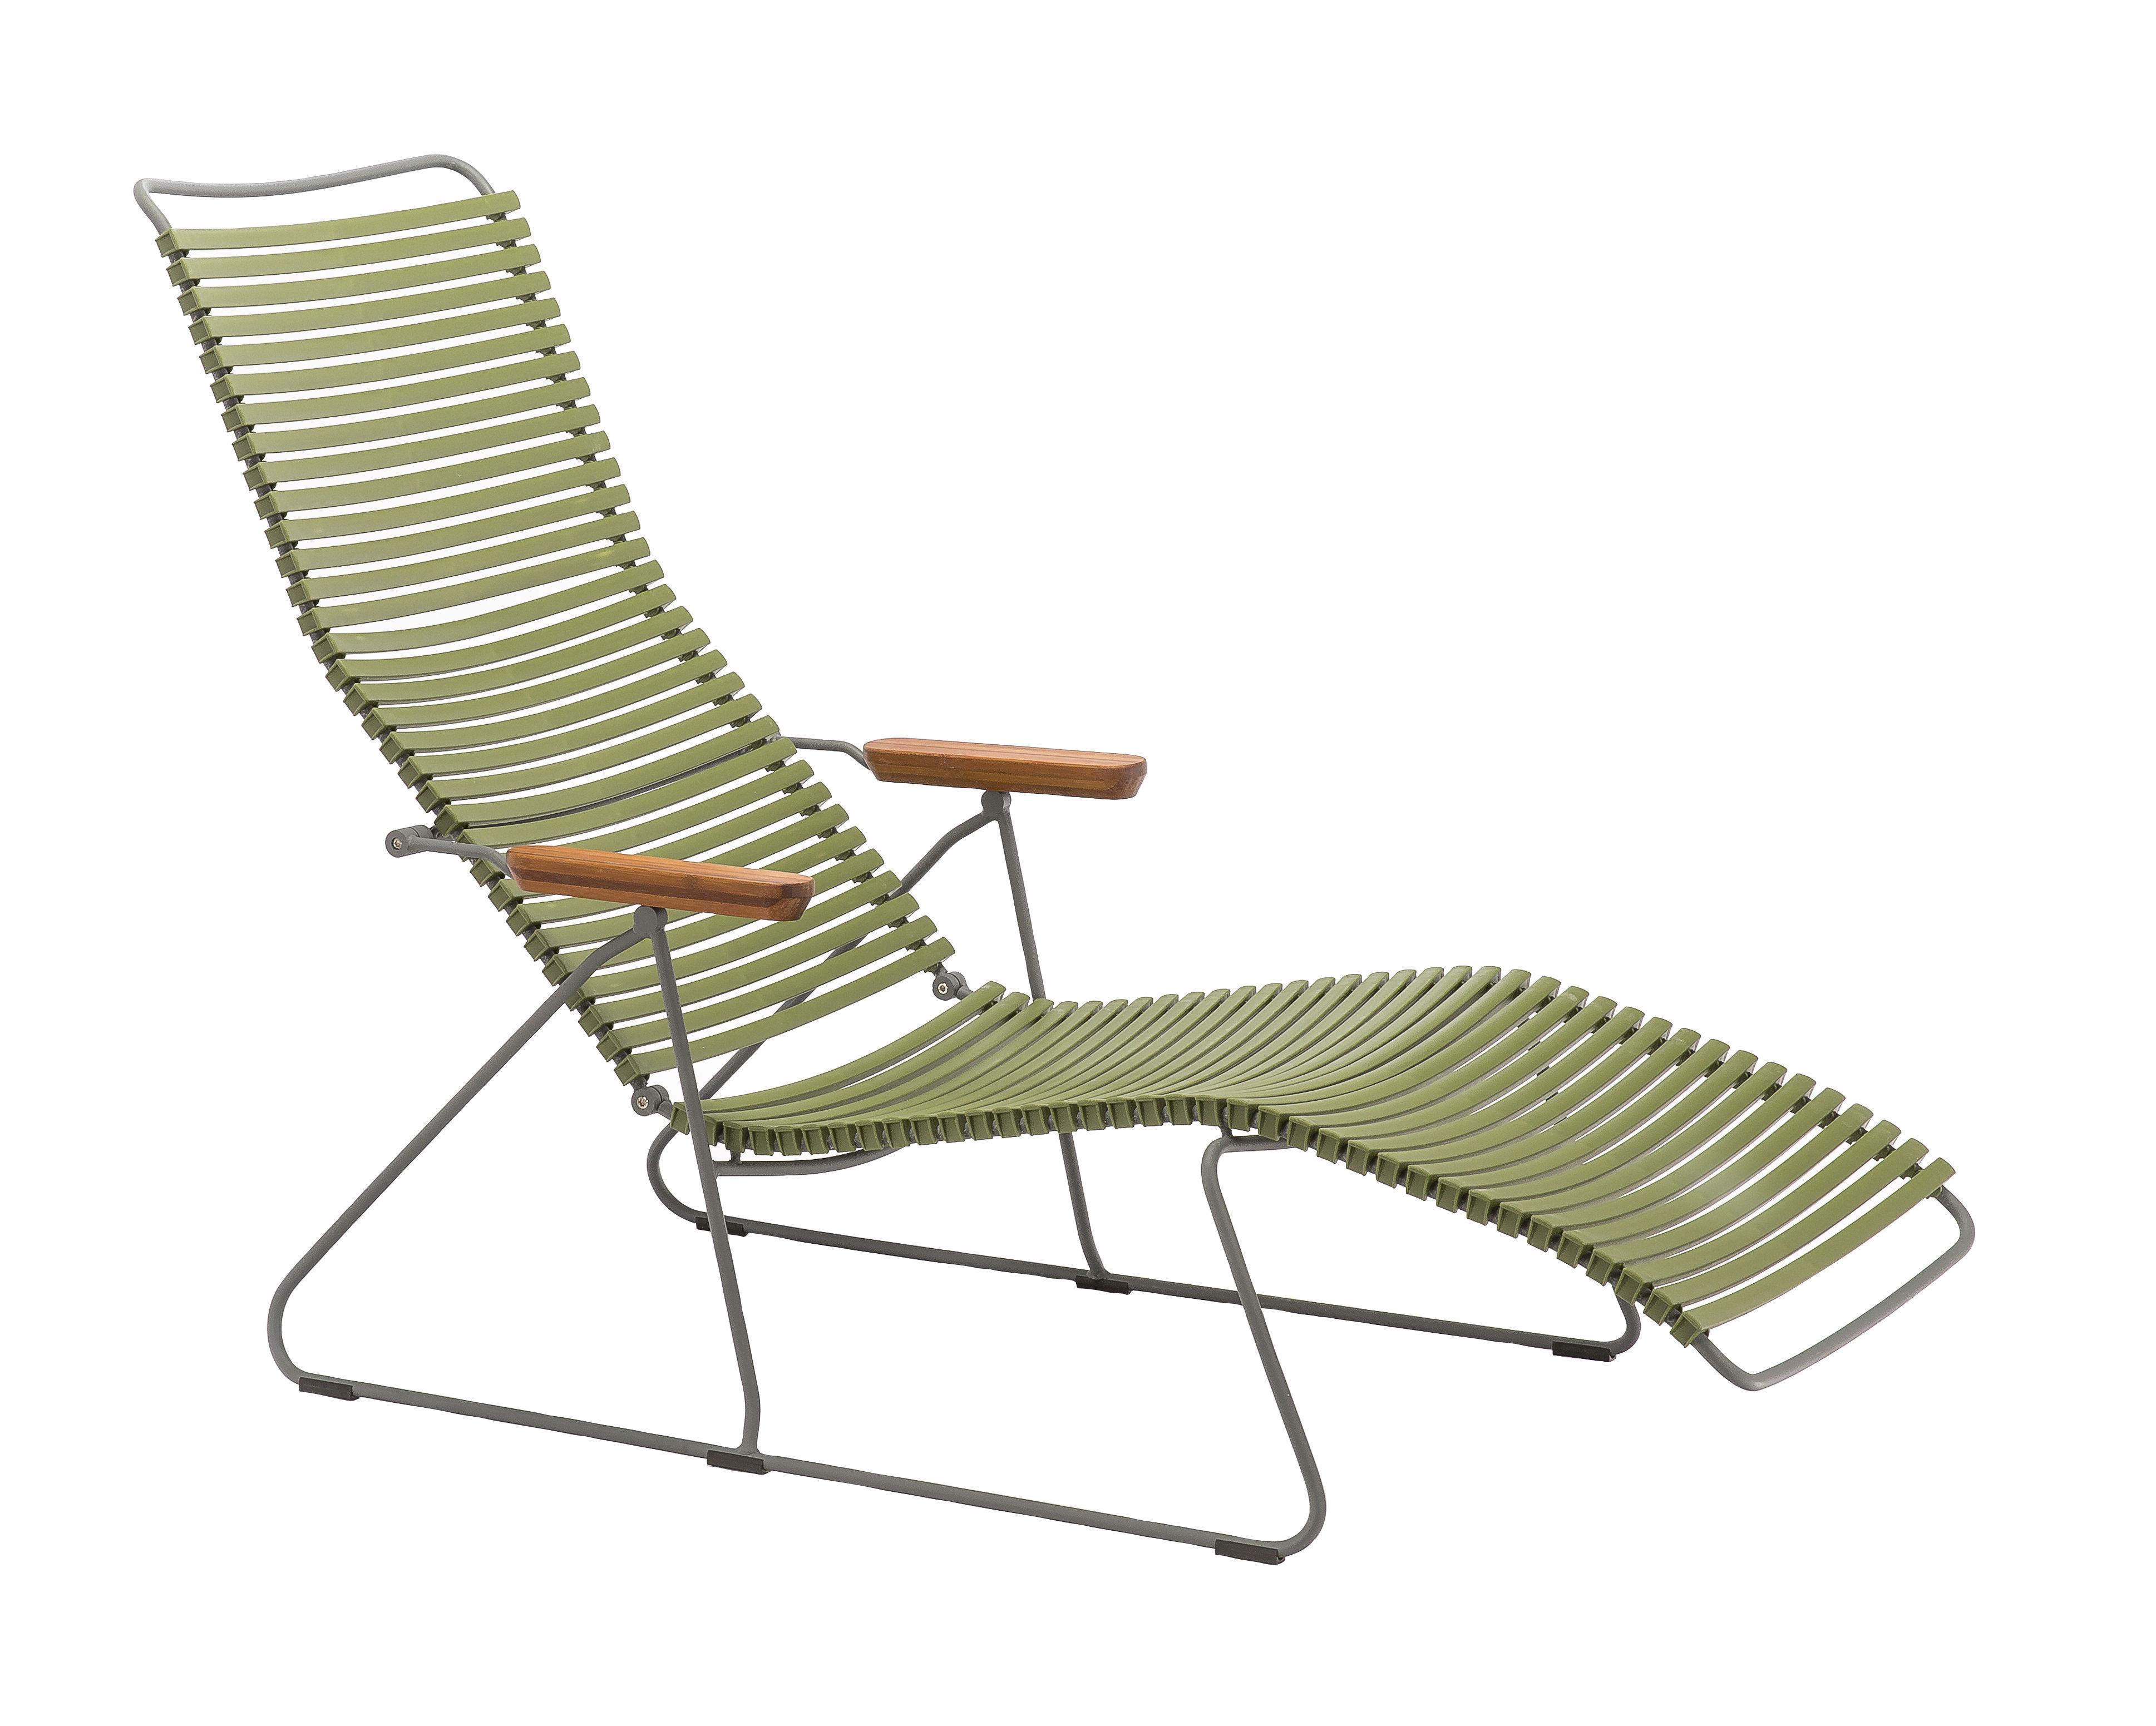 Outdoor - Sedie e Amache - Sedia a sdraio Click / Schienale multiposizioni - Houe - Verde oliva - Bambù, Metallo, Plastica